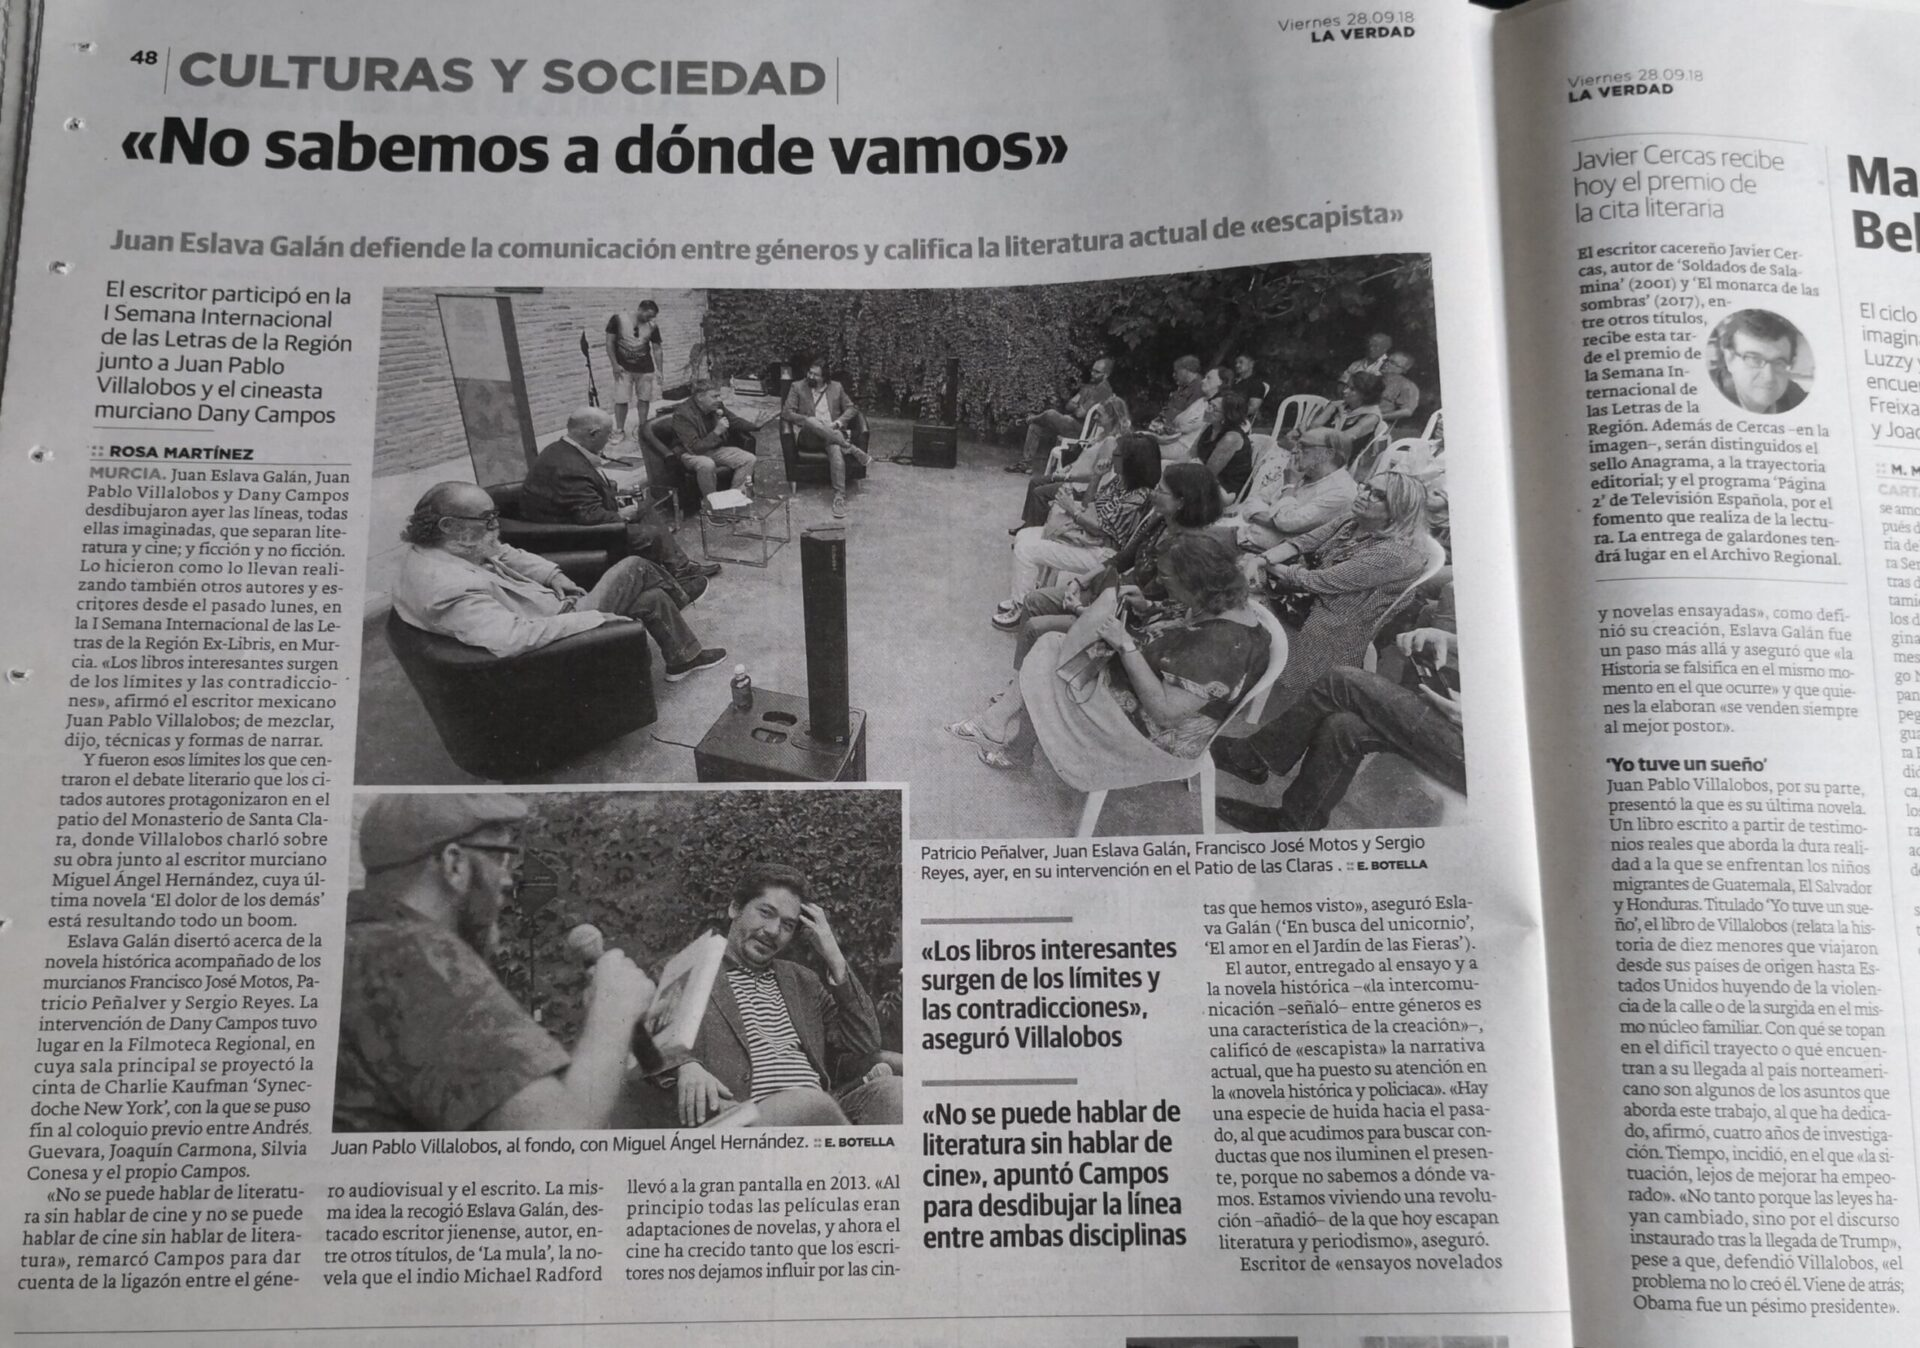 Noticia sobre la participación de varios autores como Juan Eslava Galán y Sergio Reyes Puerta en una tertulia literaria (Dossier de prensa 2018)